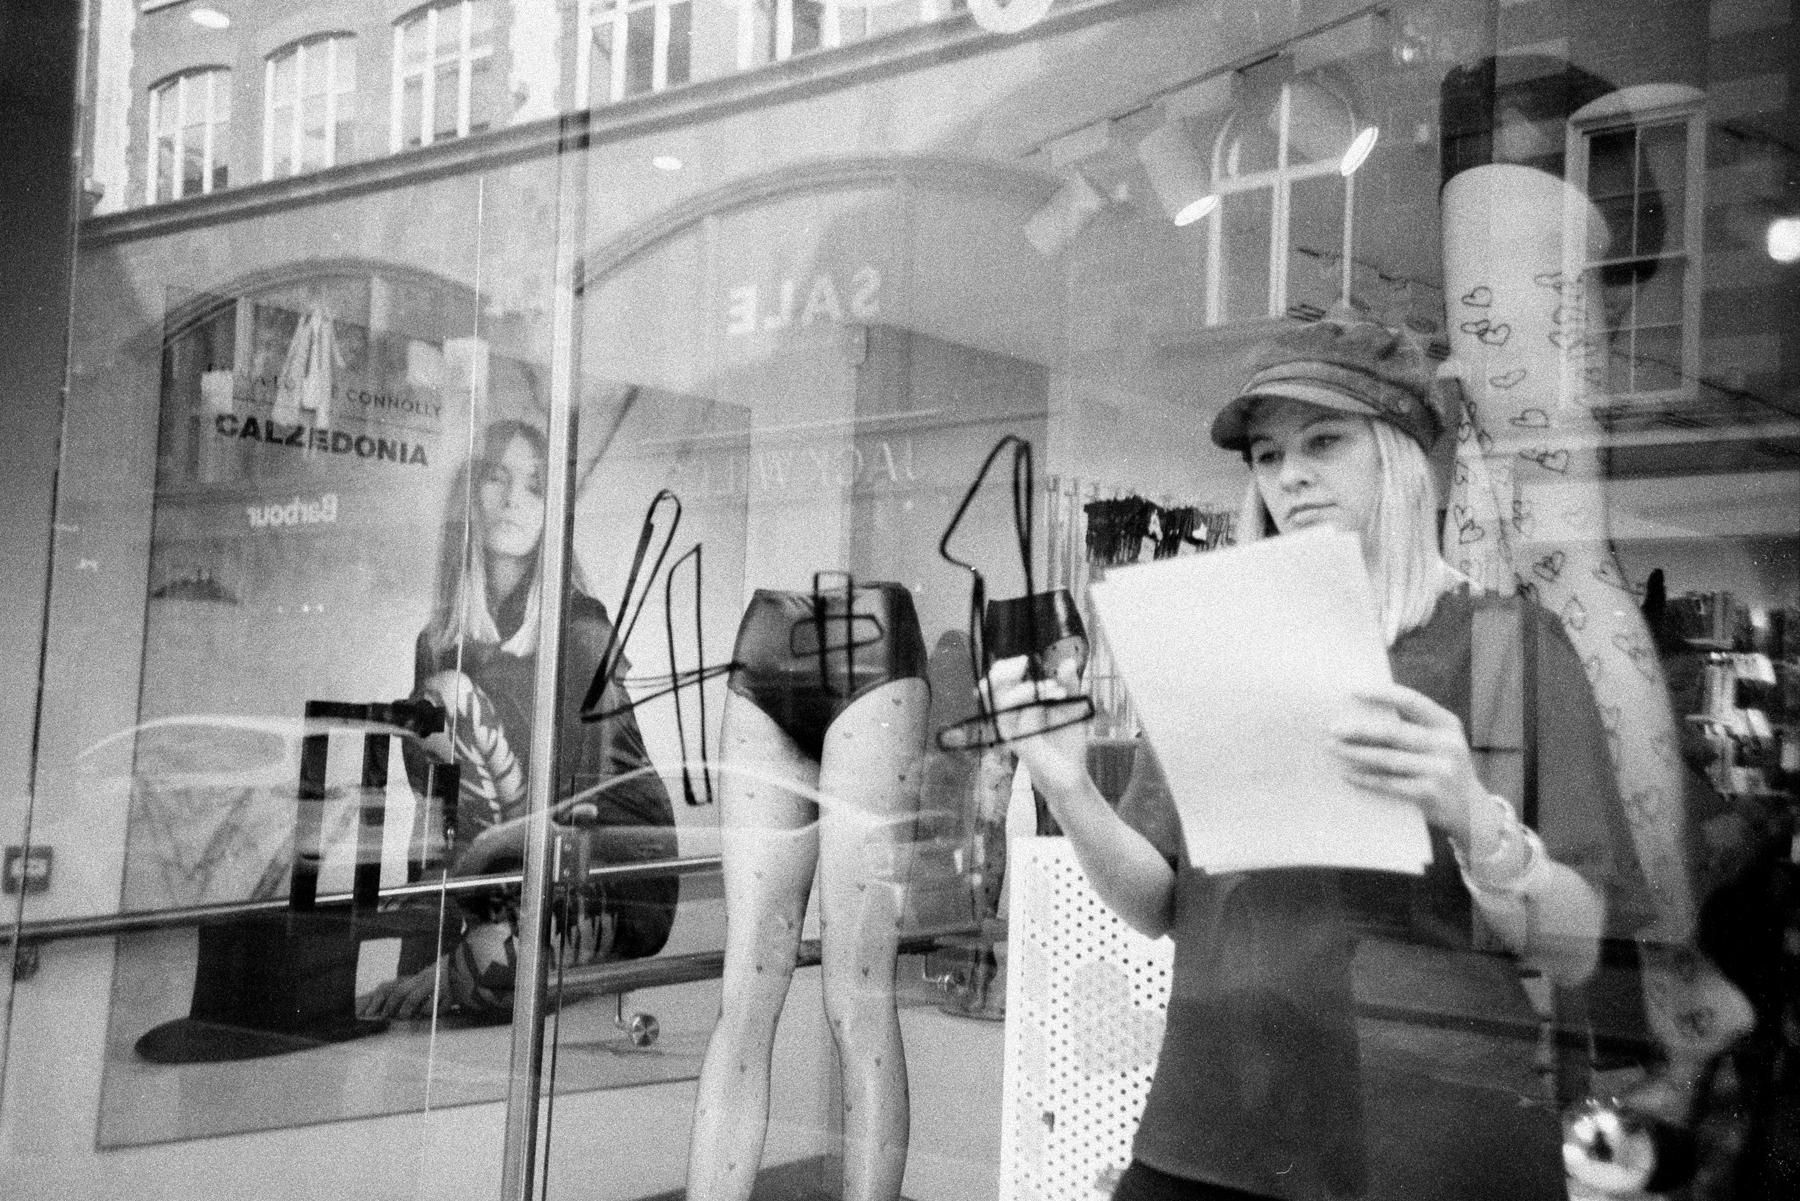 Woman in shop window